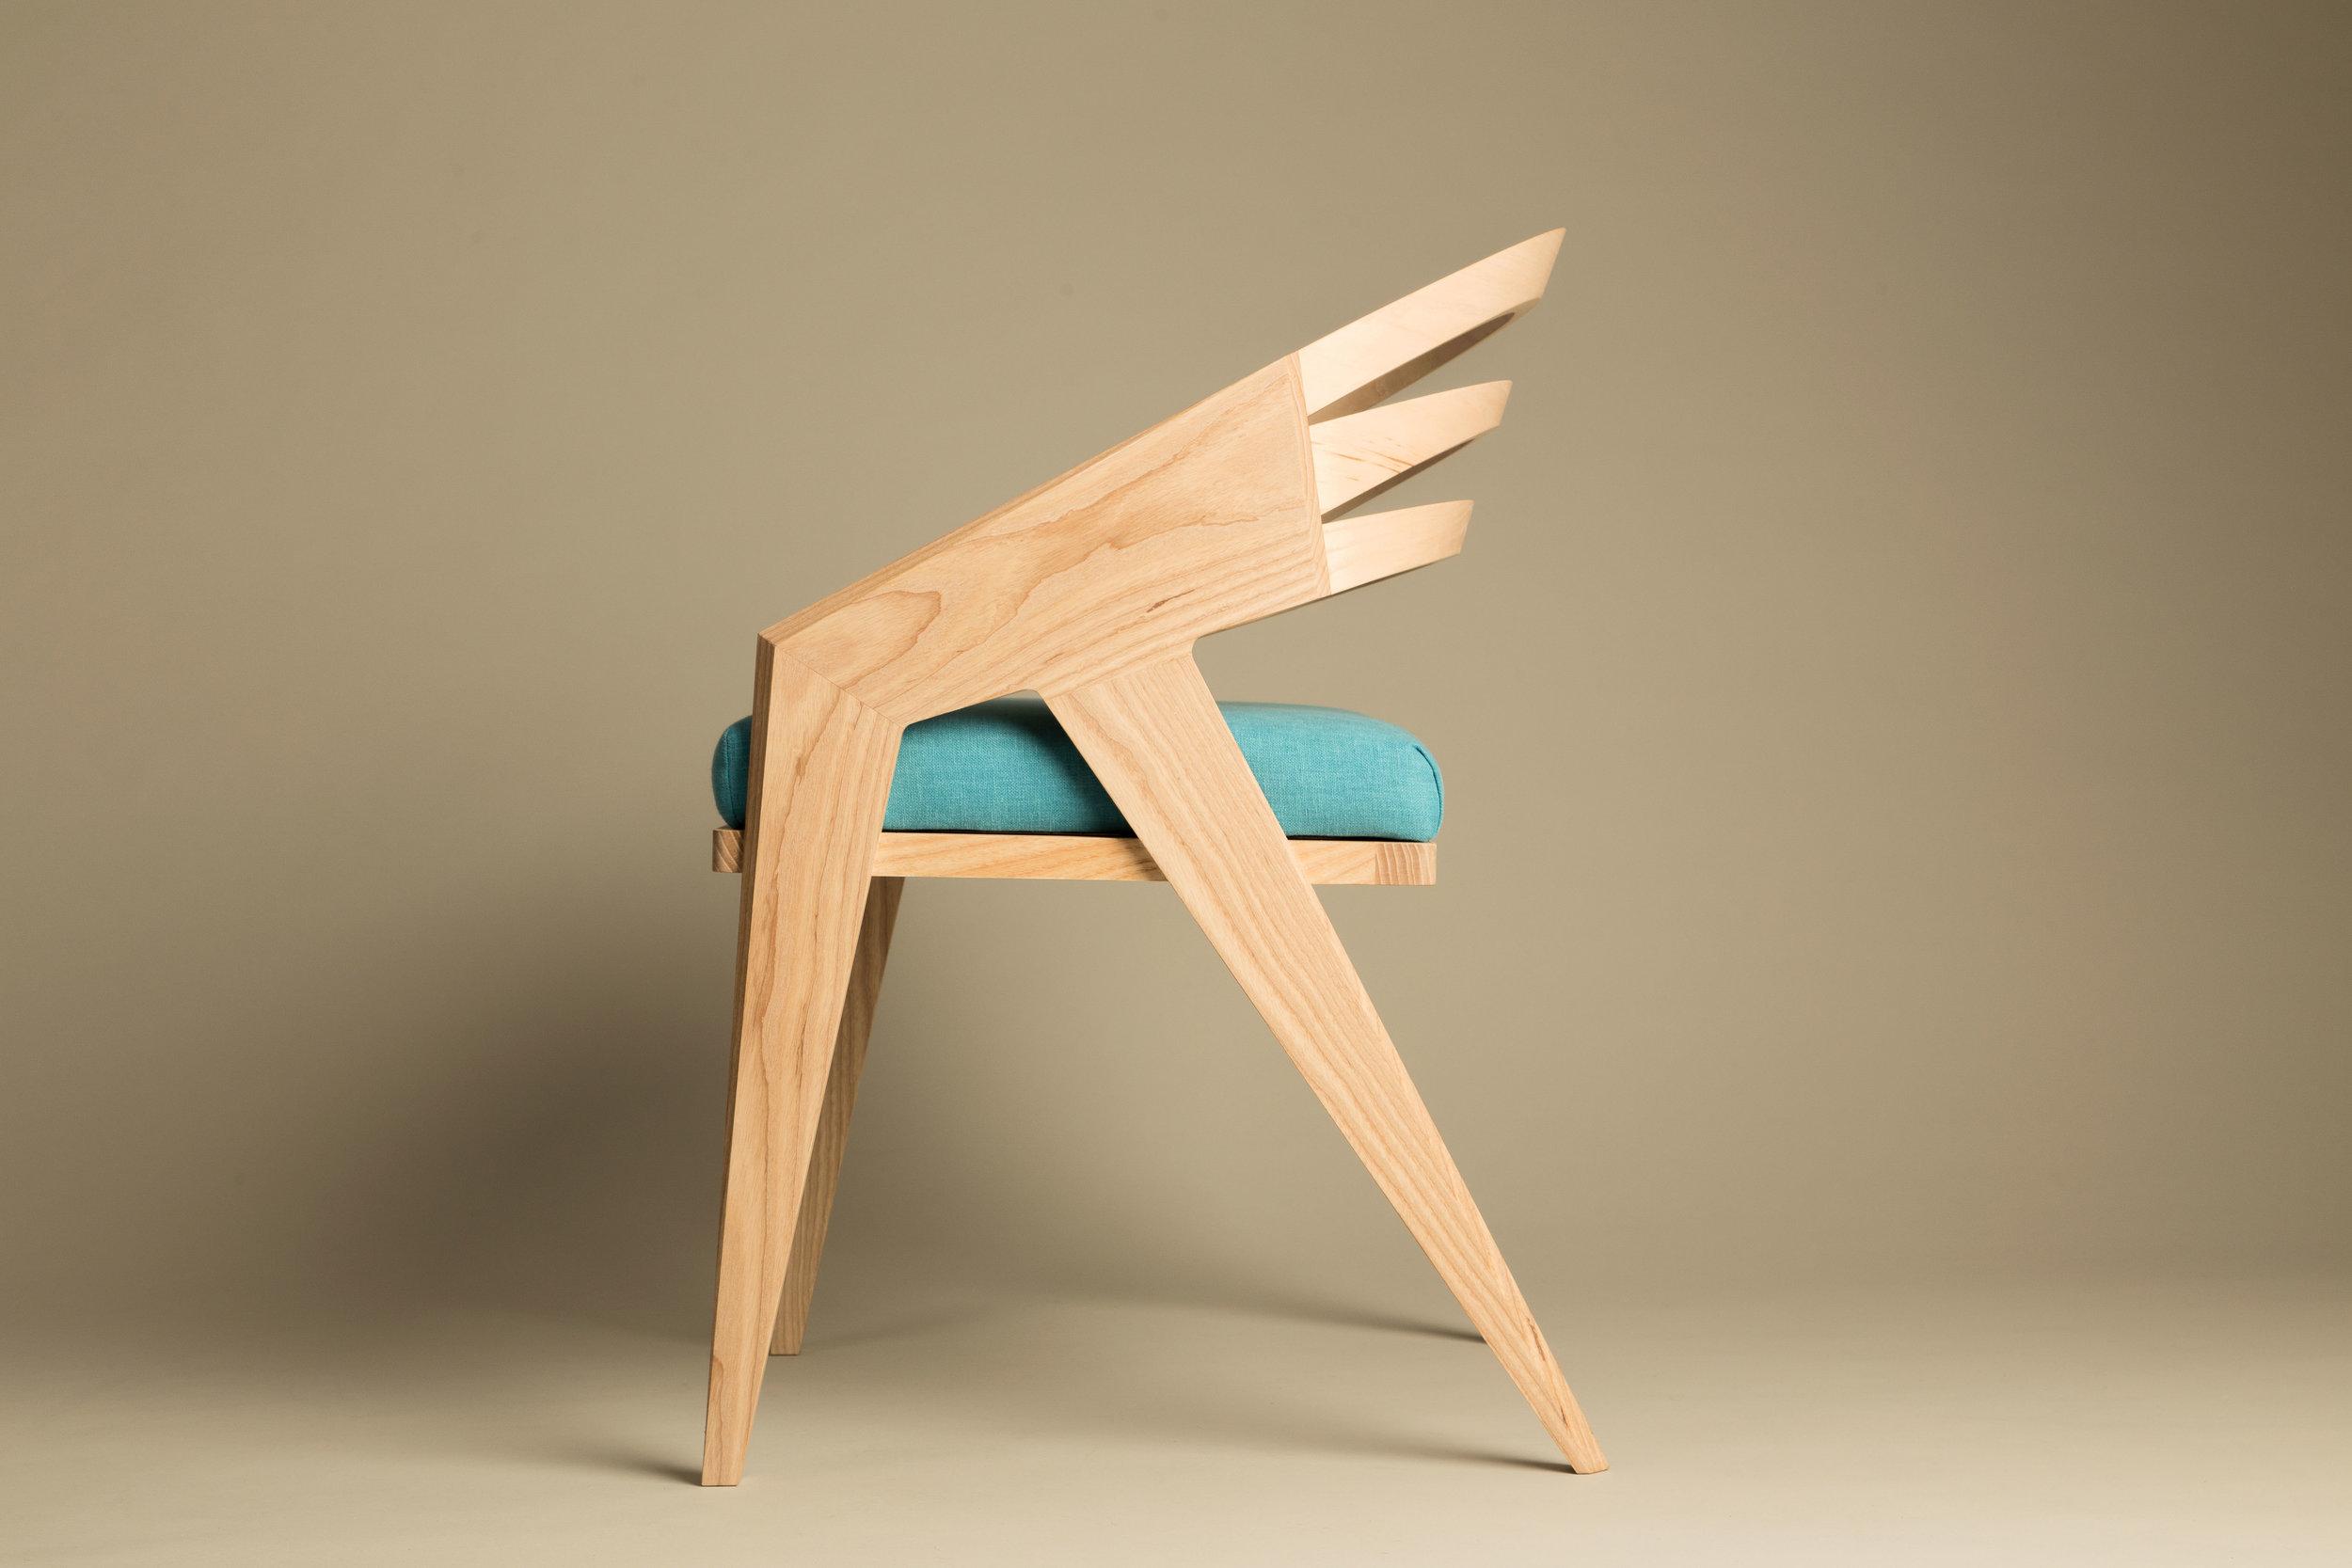 Rhipidura chair